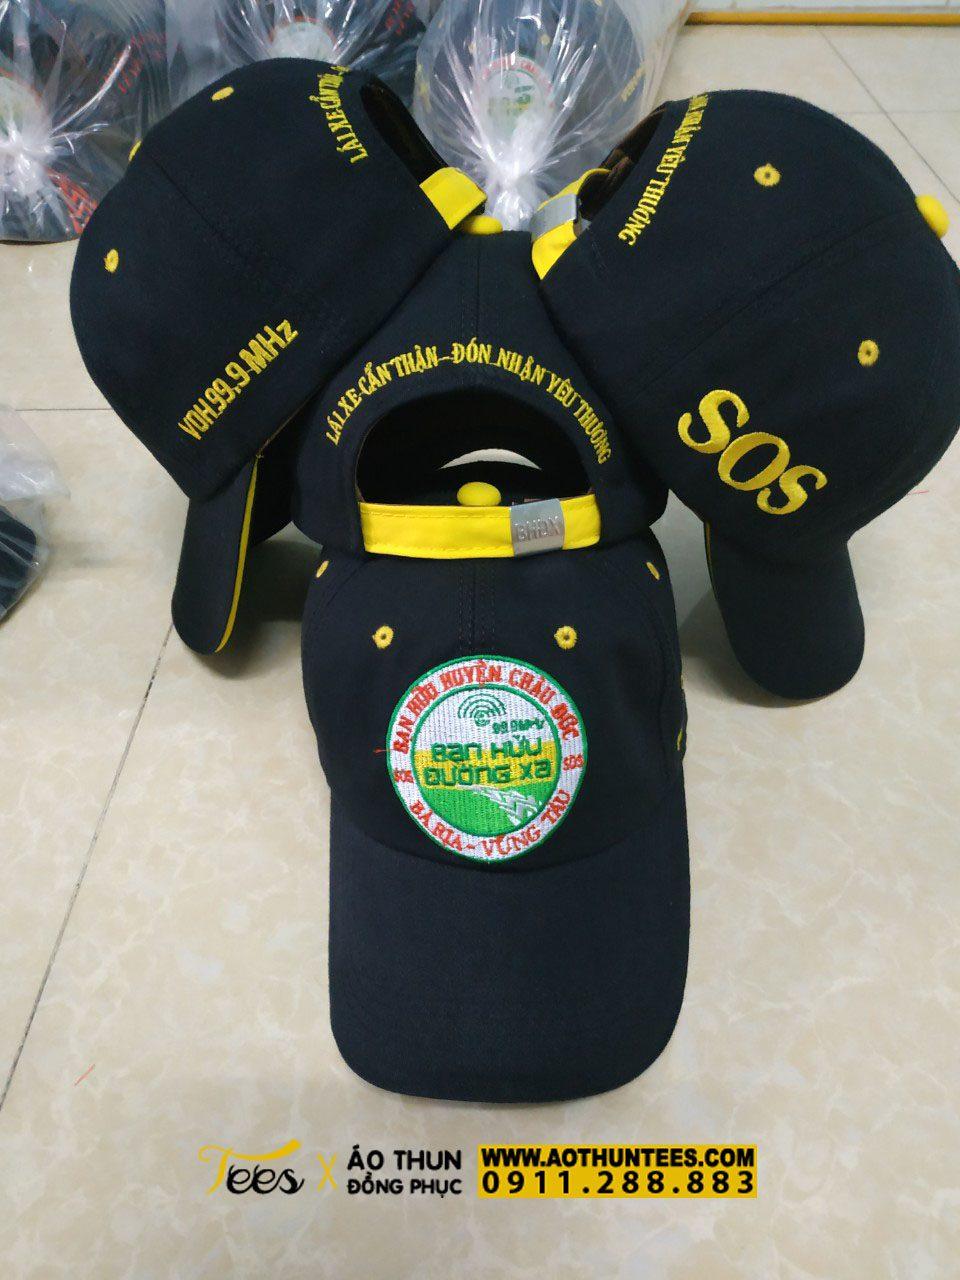 3032876ffab91de744a8 - Giới thiệu về đồng phục nón